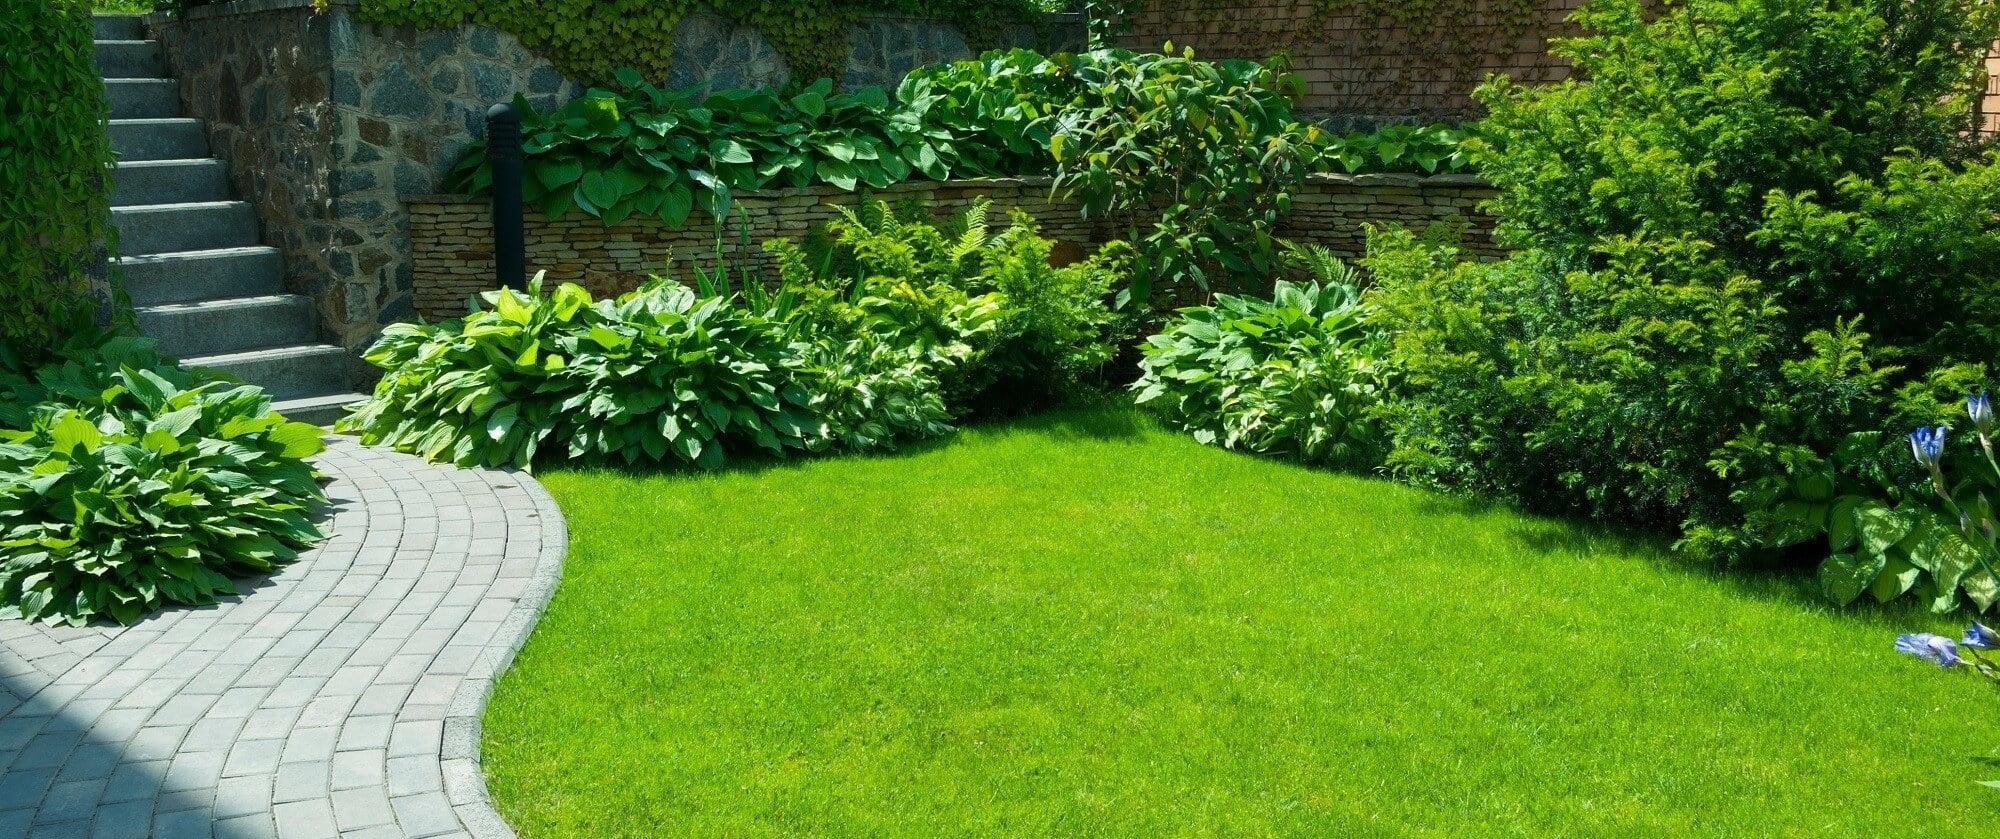 Öntözéstechnika és Kertészet